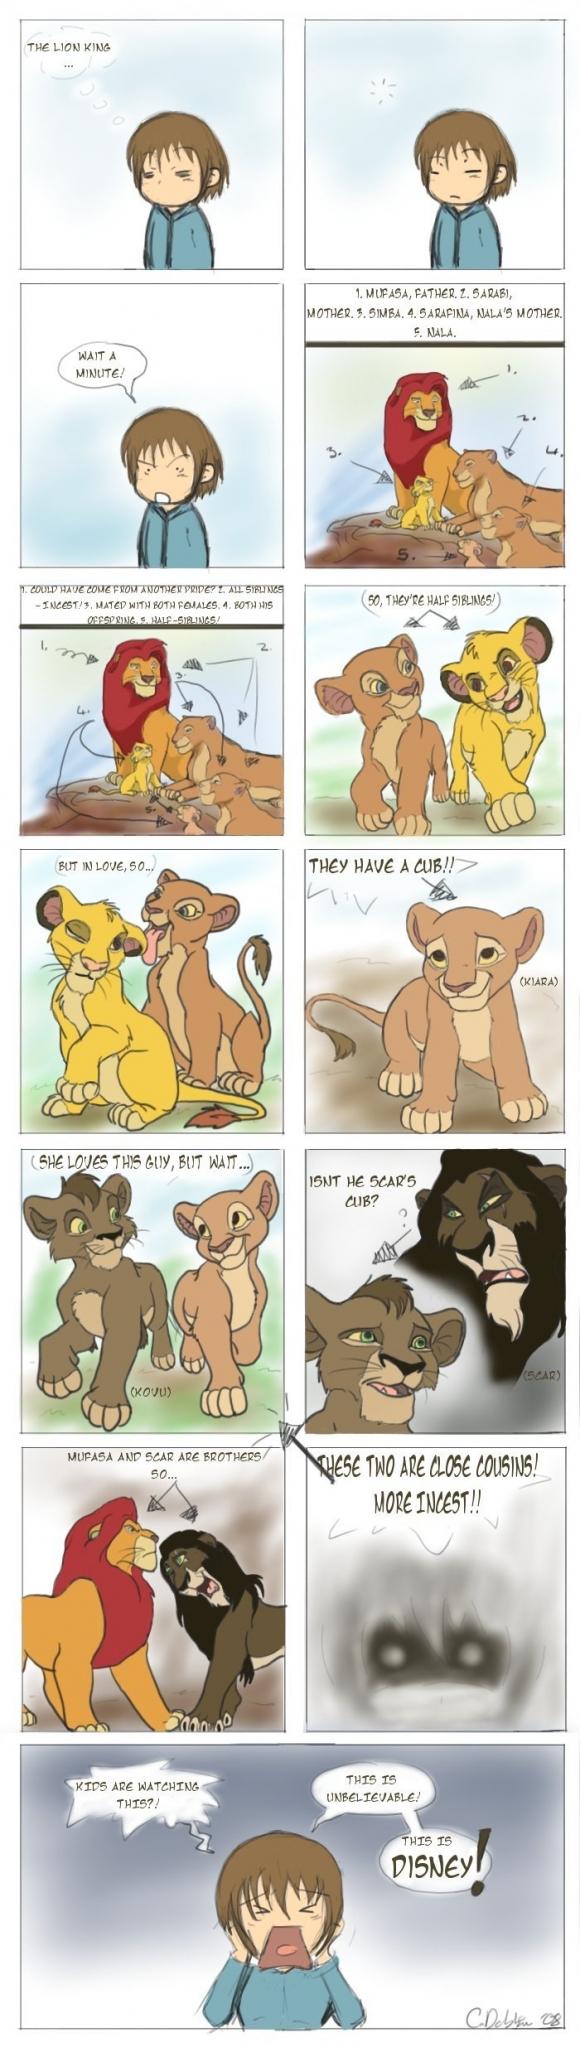 Incest i Lejonkungen